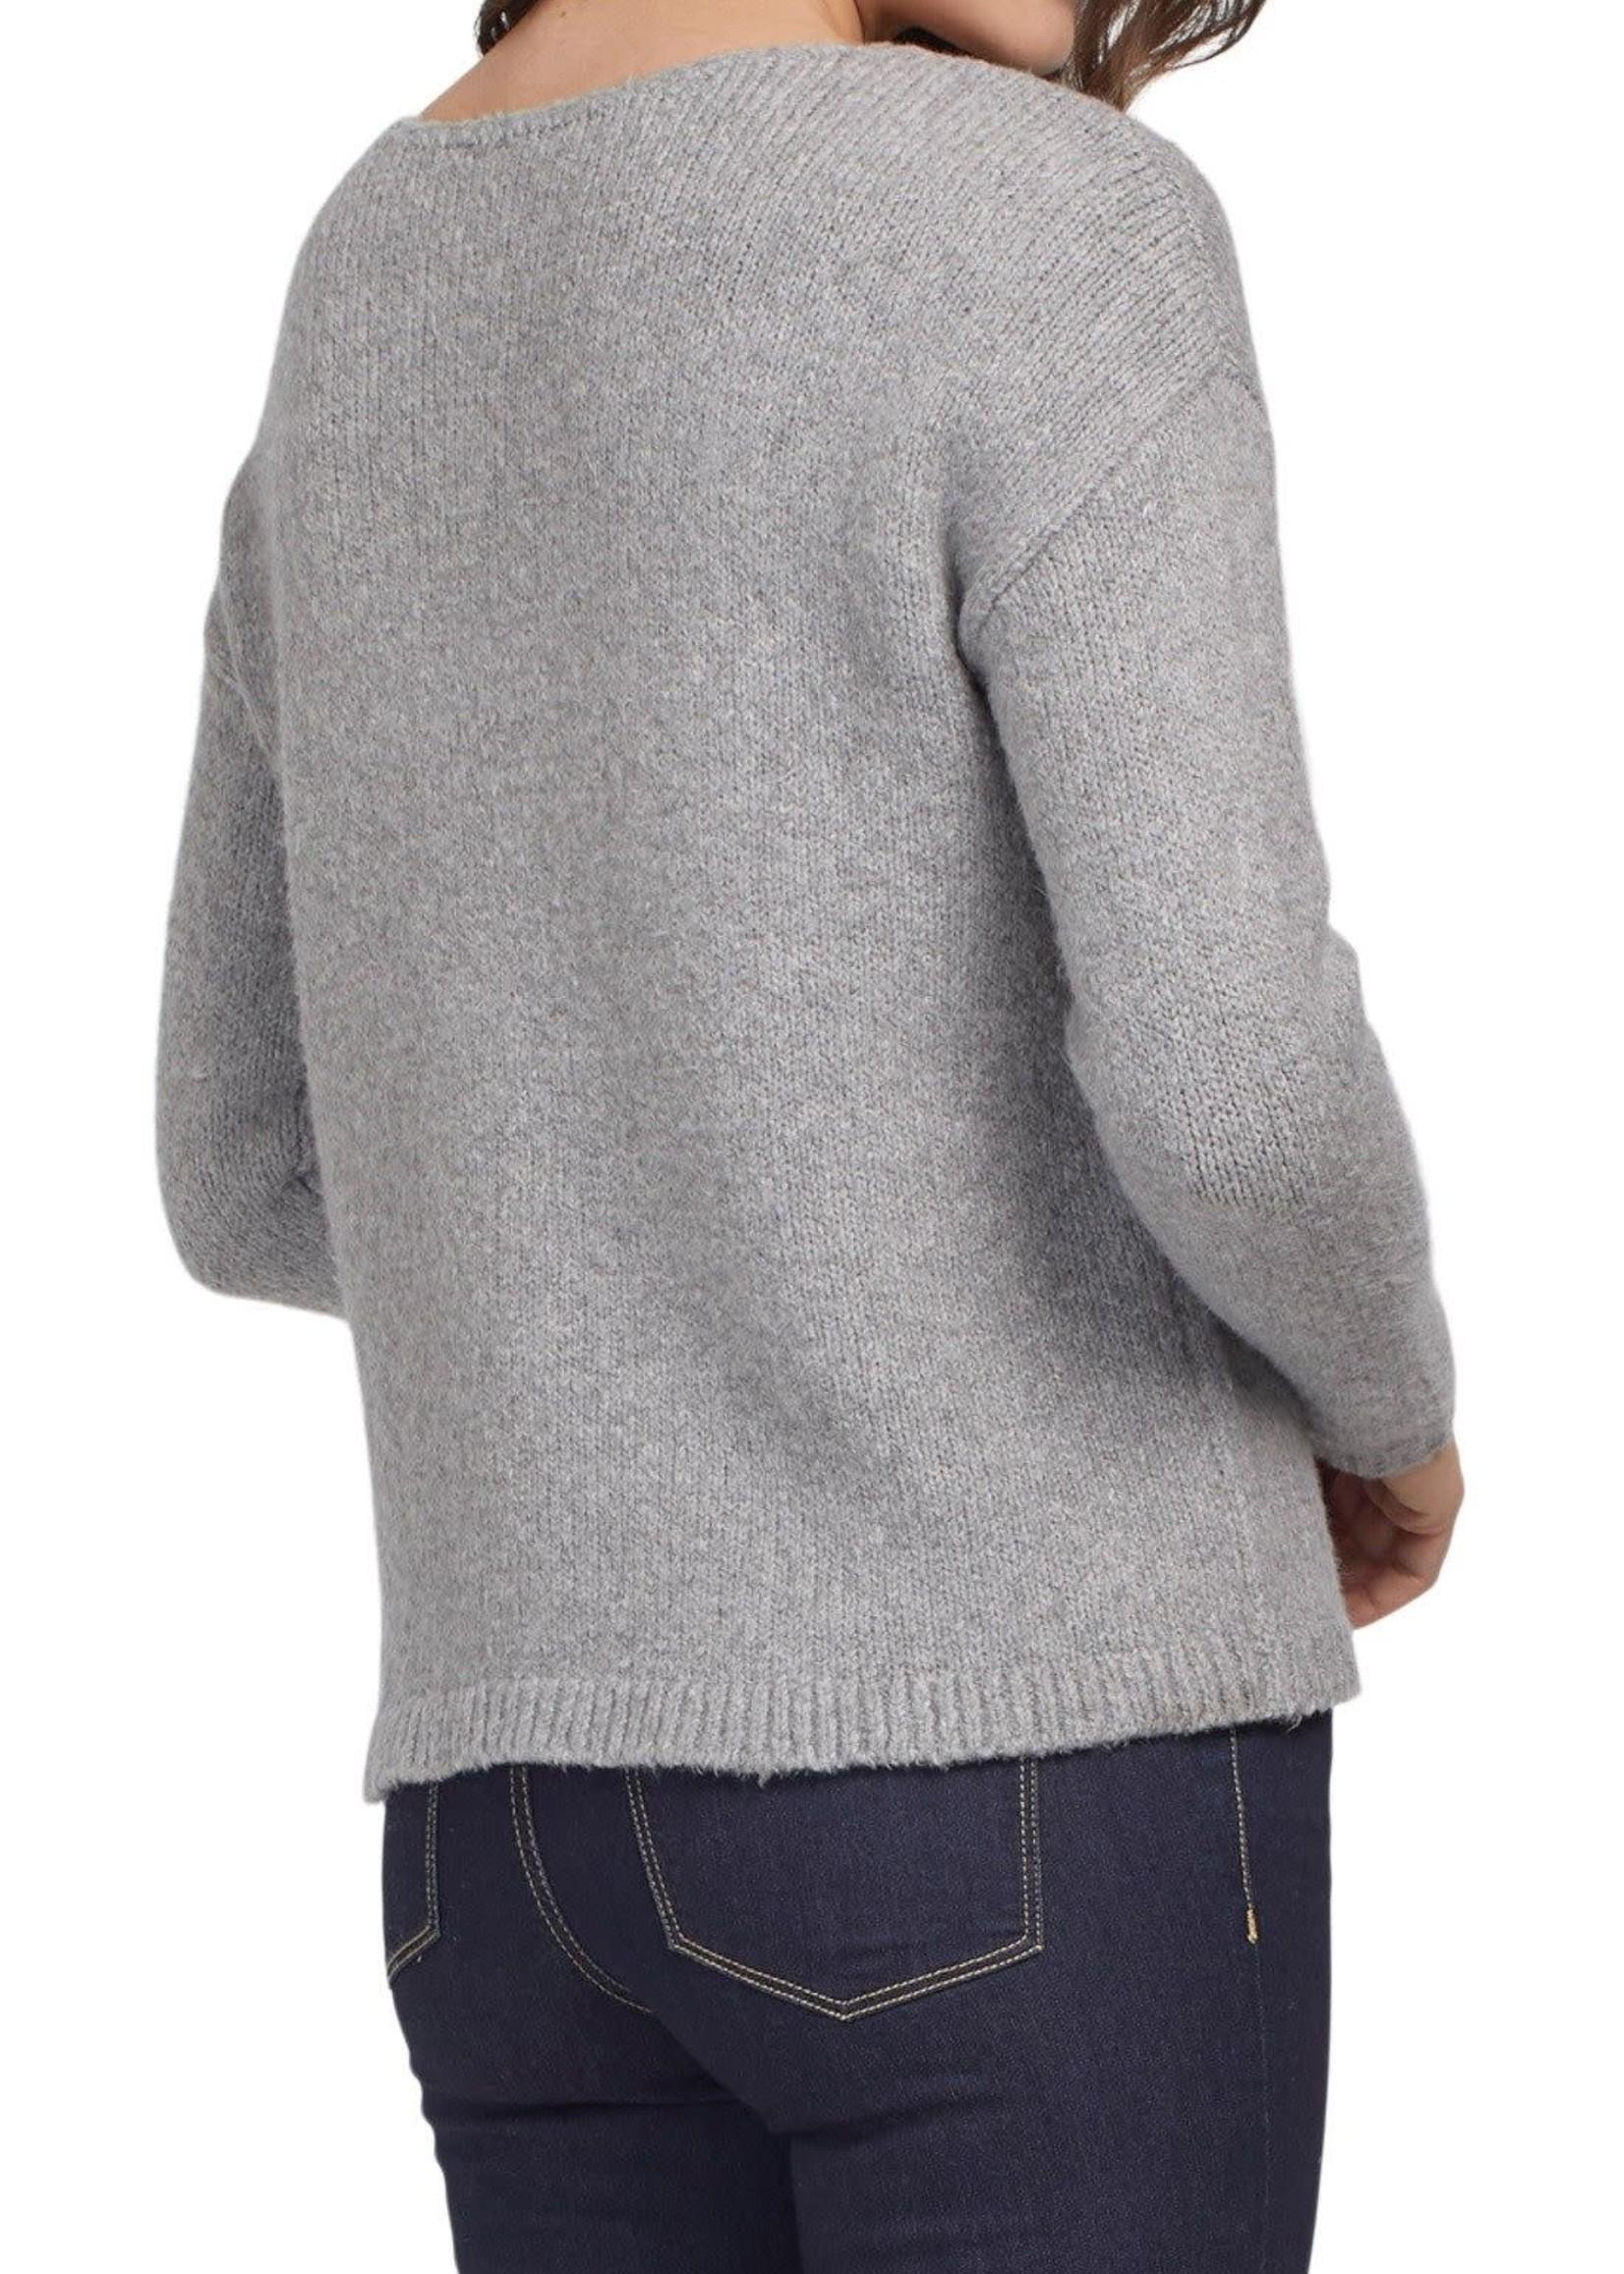 Tribal Tribal L/S Intarsia Sweater Grey Mix